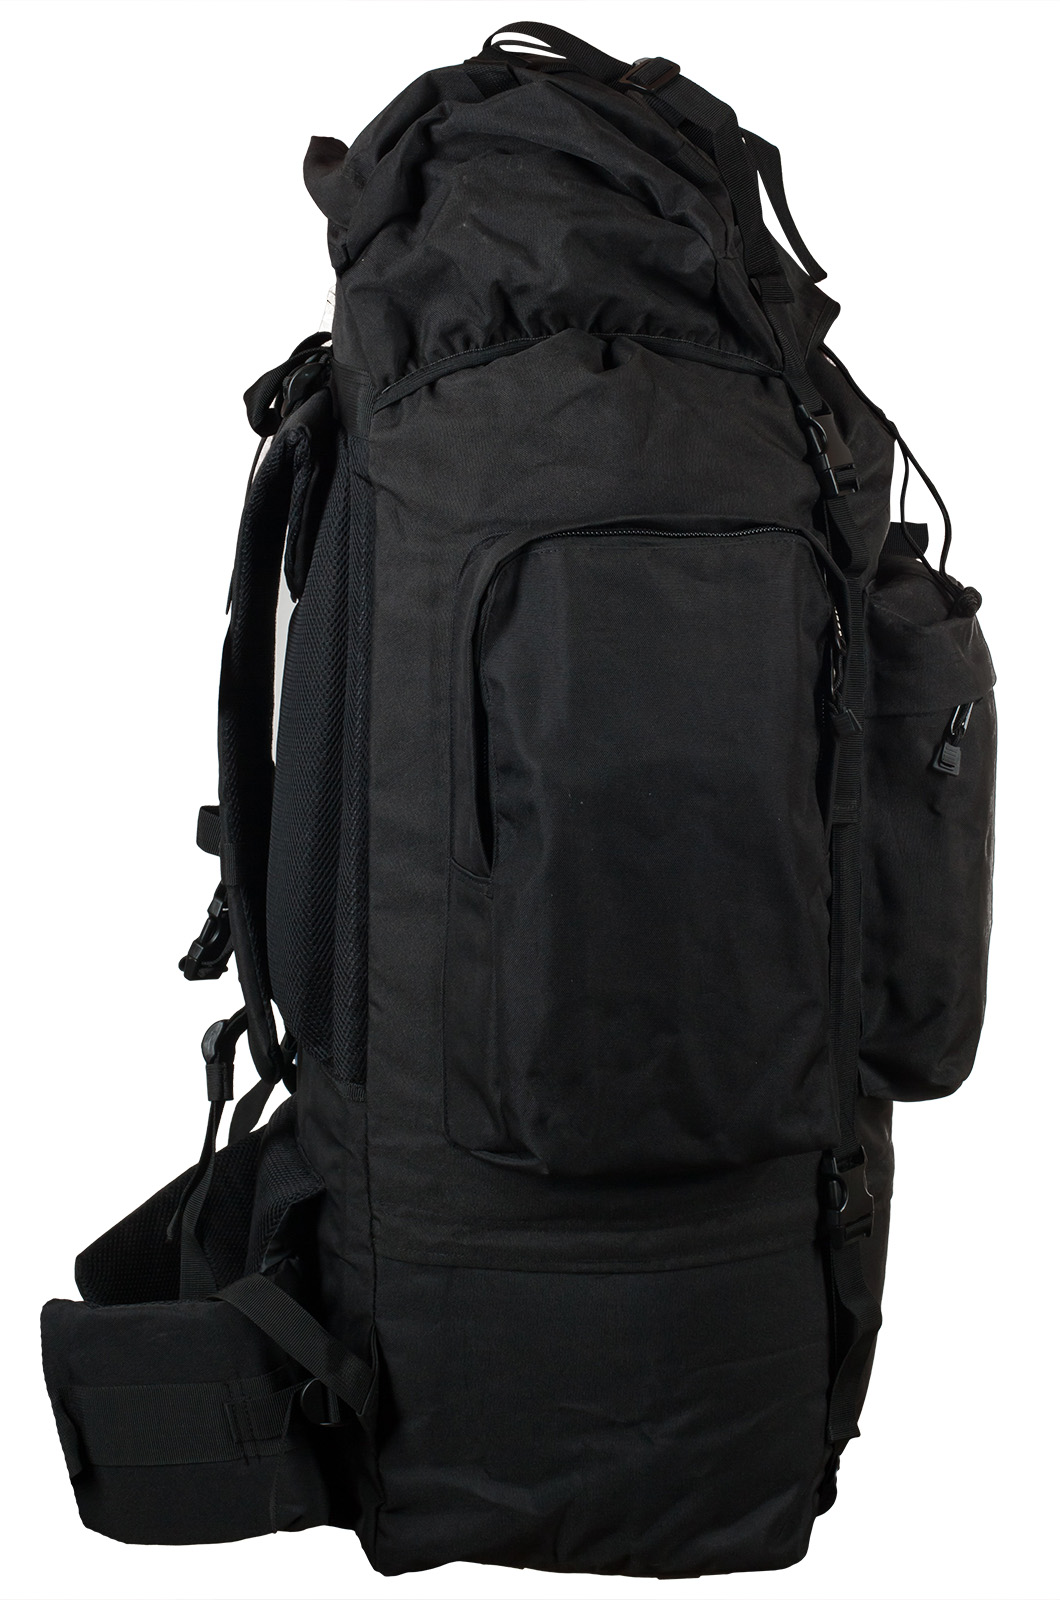 Заказать большой многодневный рюкзак с рыбацкой нашивкой